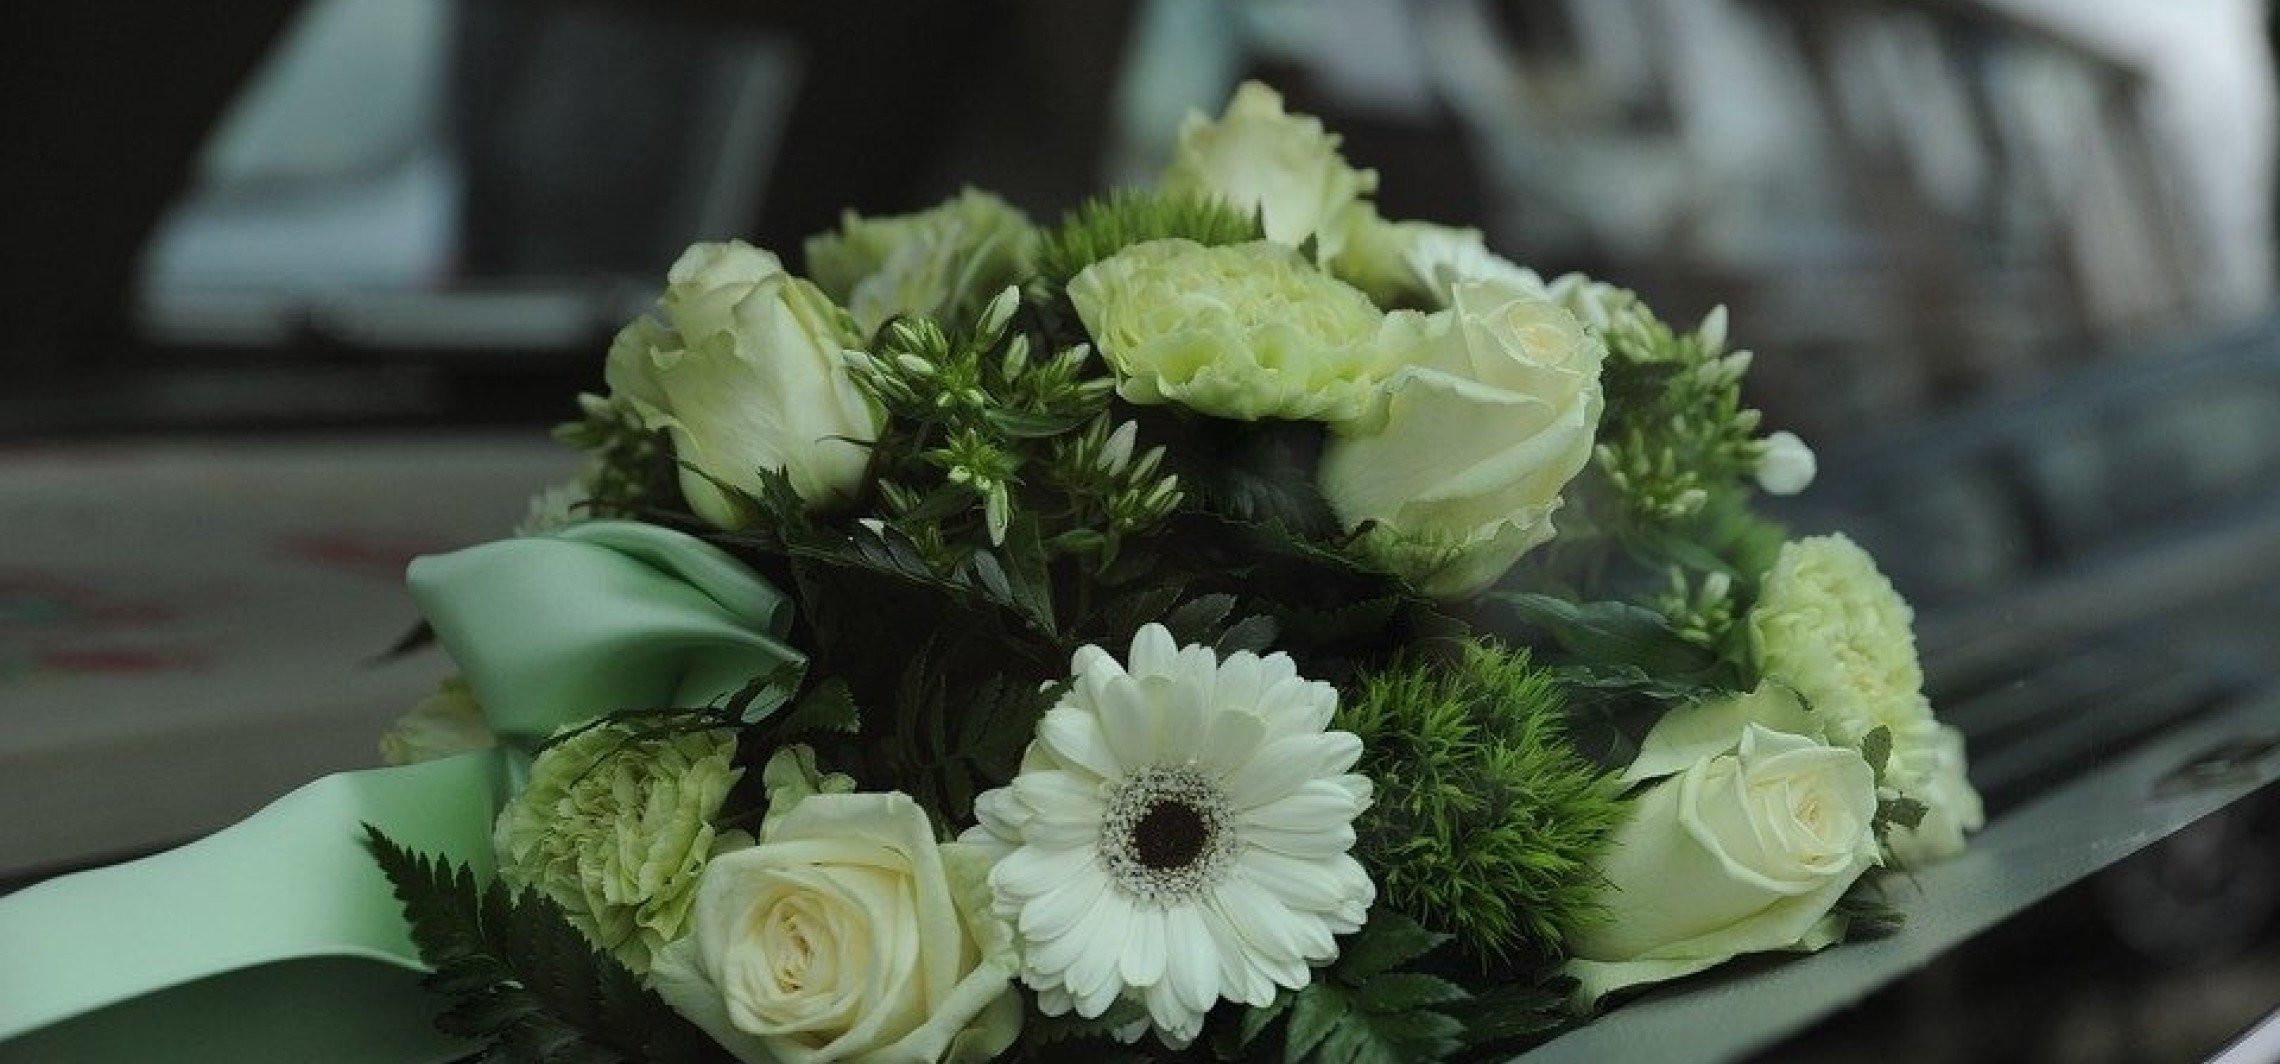 Inowrocław - Rośnie liczba wypłaconych zasiłków pogrzebowych